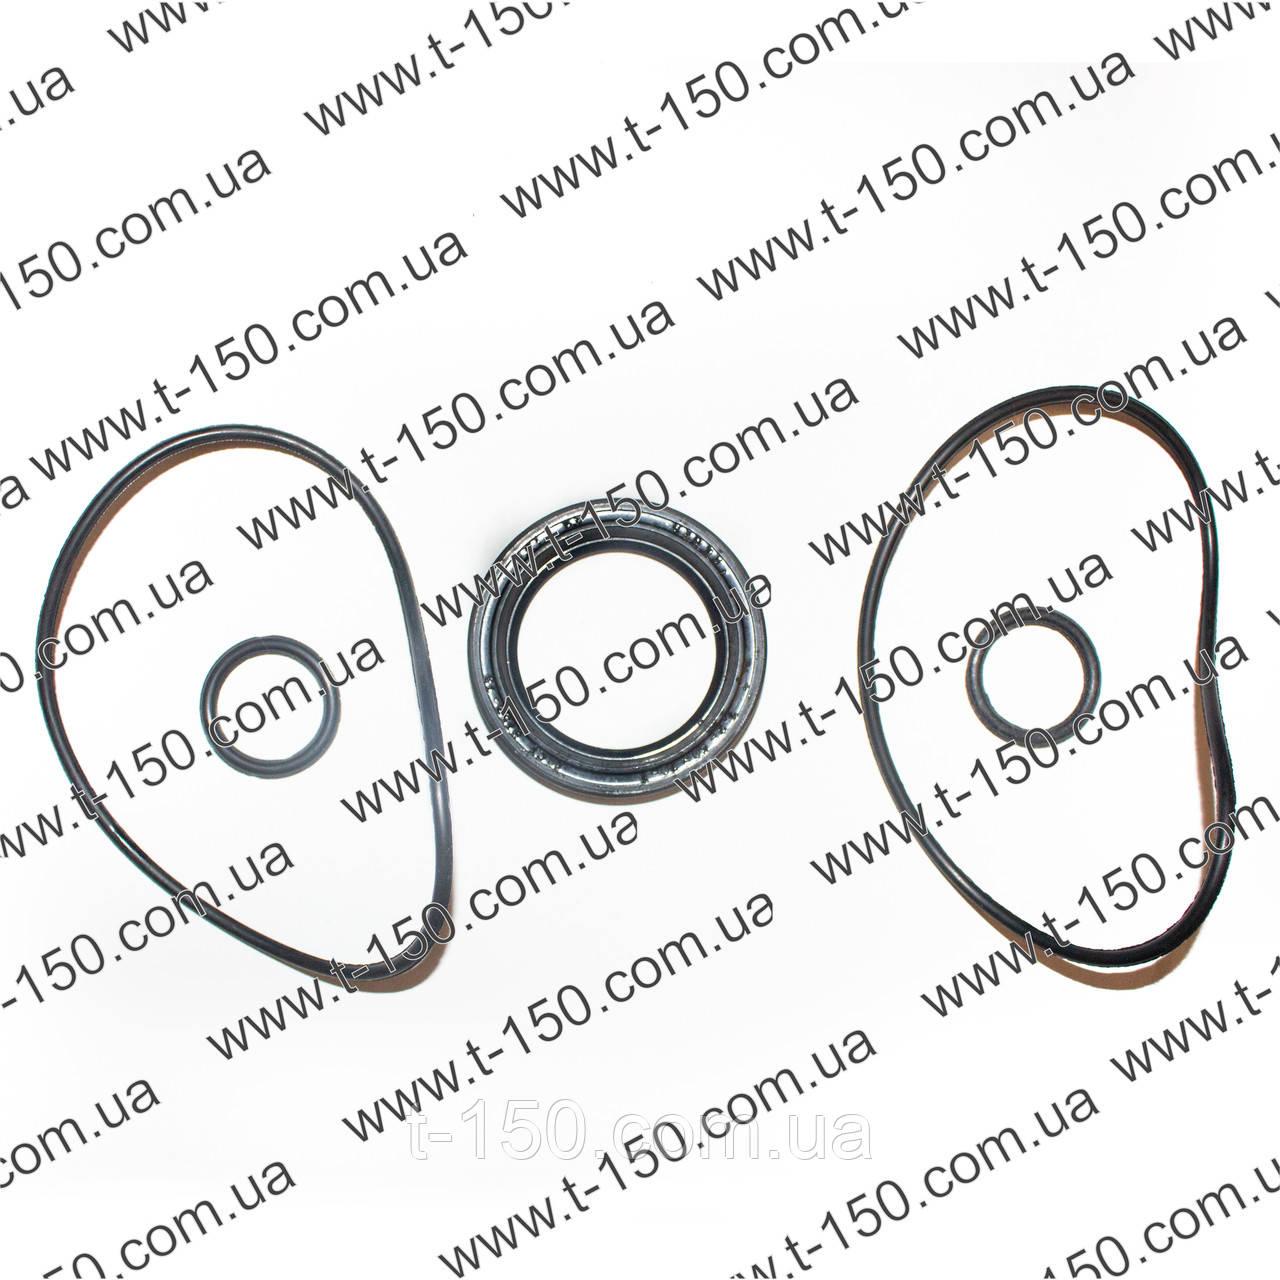 Ремкомплект гидромотора автокрана КС-3577-4 (насоса 3102.112/303.112)